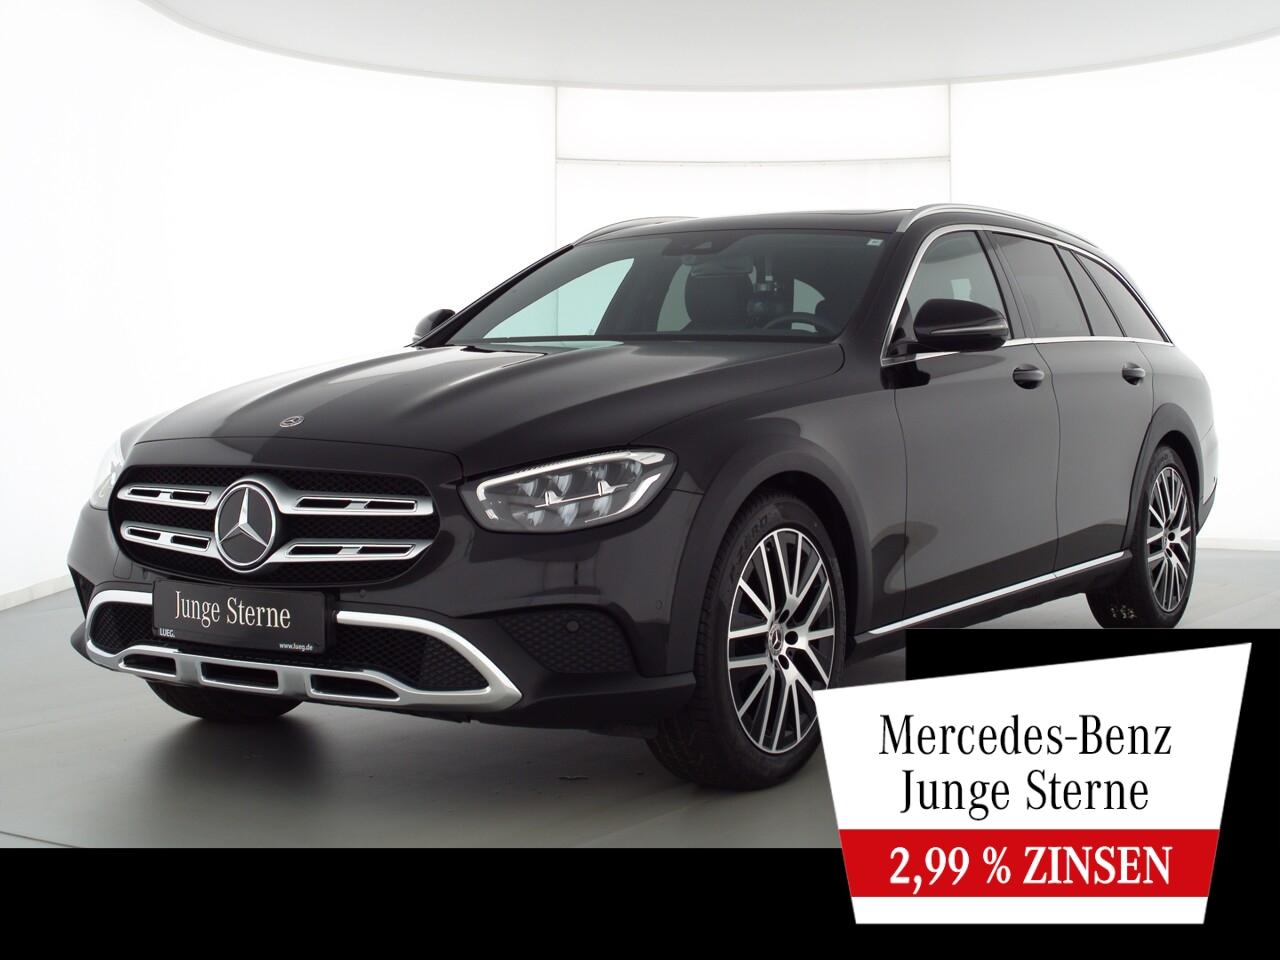 Mercedes-Benz E 200 T 4M All-Terrain MBUX+SHD+LED+Airm+Wide+RK, Jahr 2020, Benzin